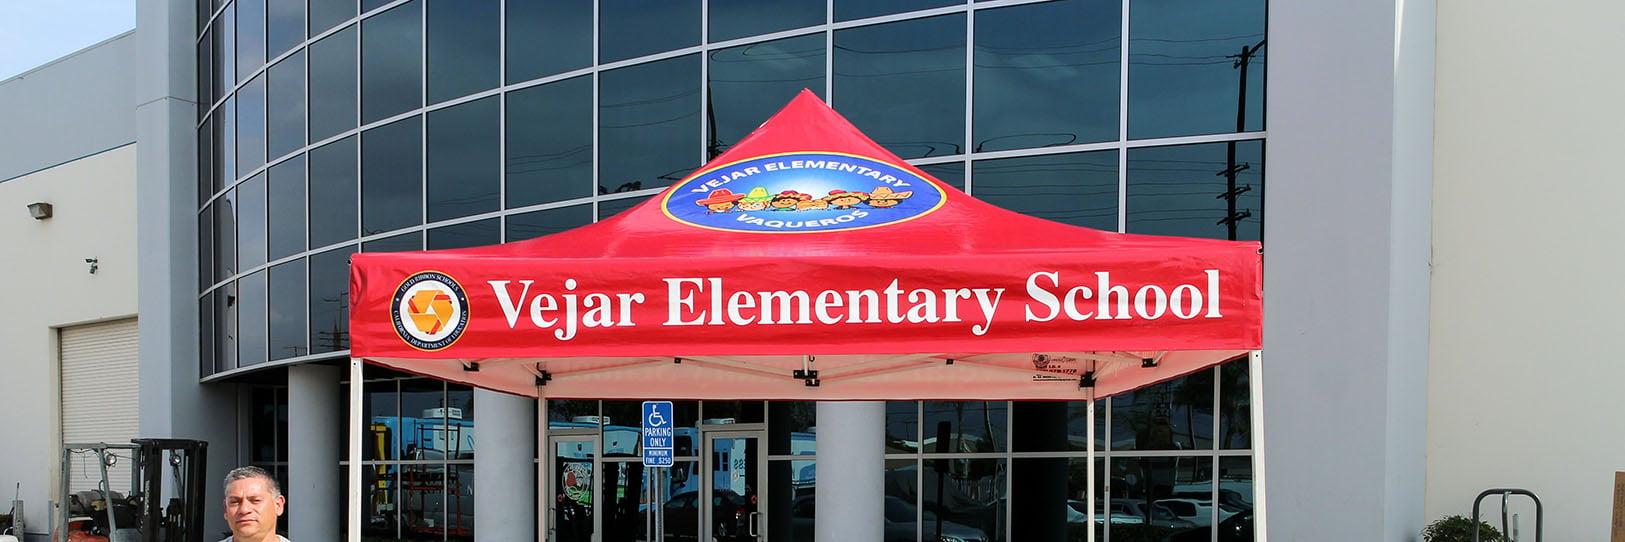 vejar-elementary-school-header.jpg